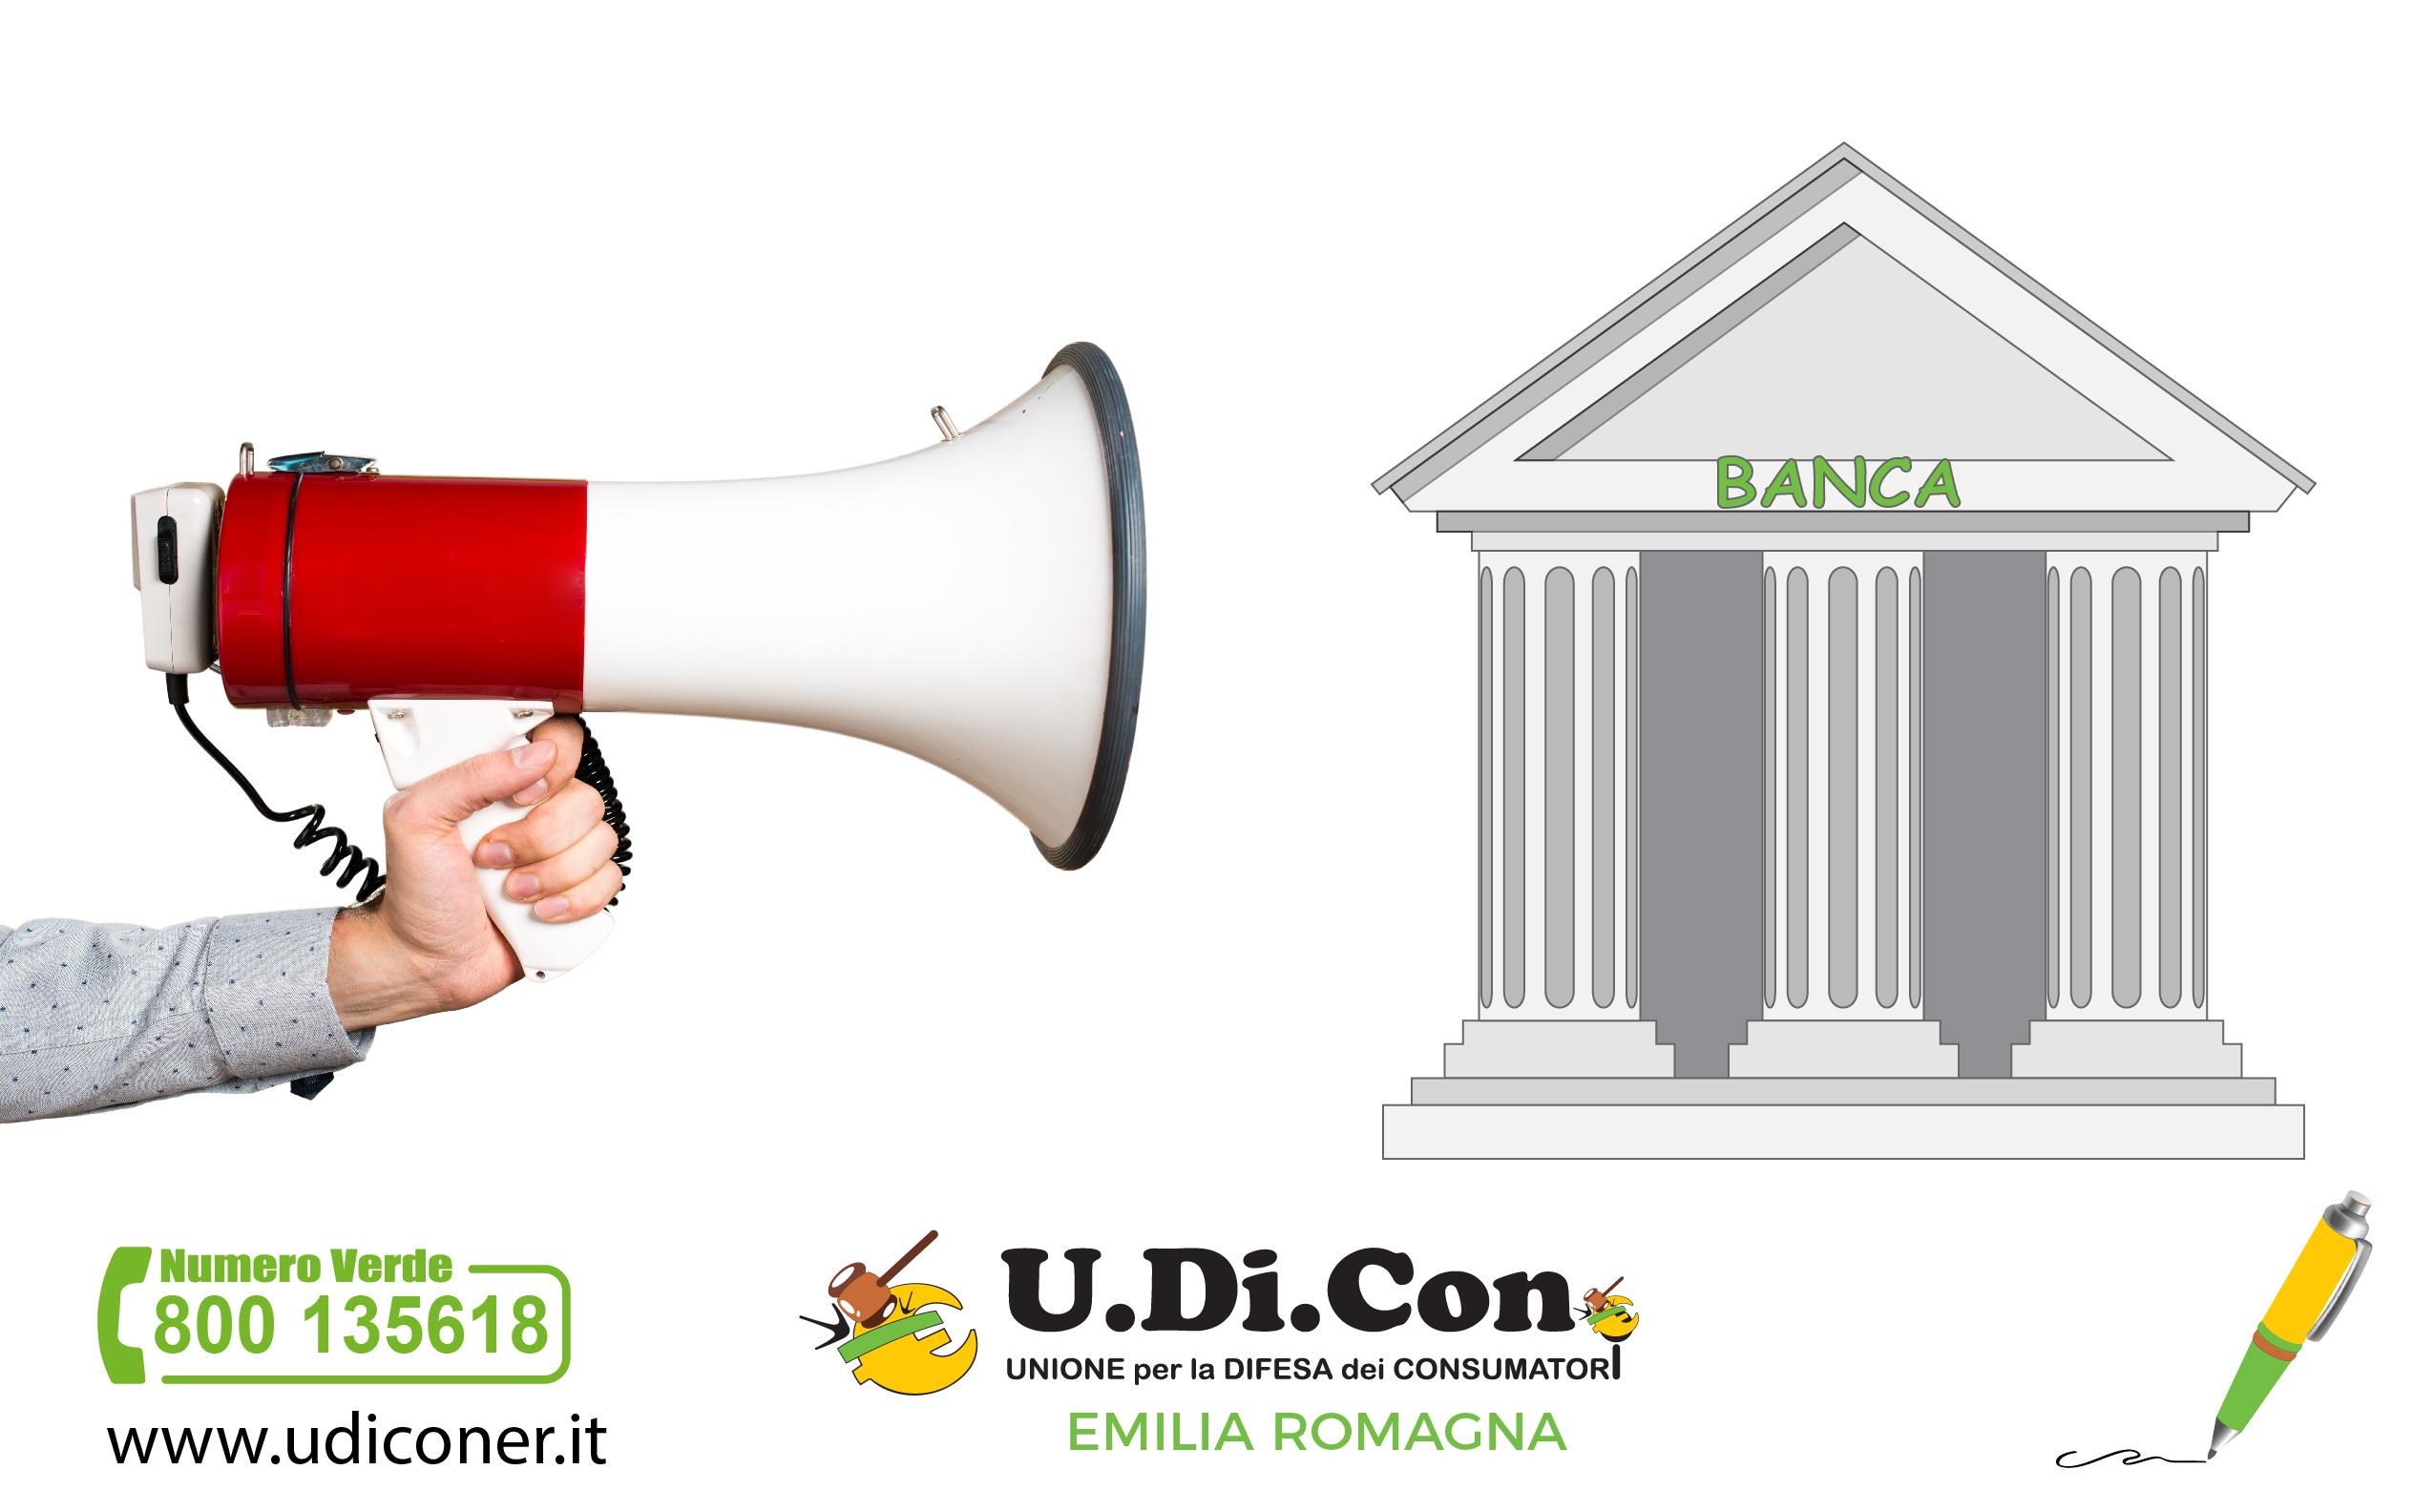 Reclami a banche e finanziarie? Novità positive per i consumatori: potenziato l'ABF, il sistema alternativo di risoluzione delle controversie